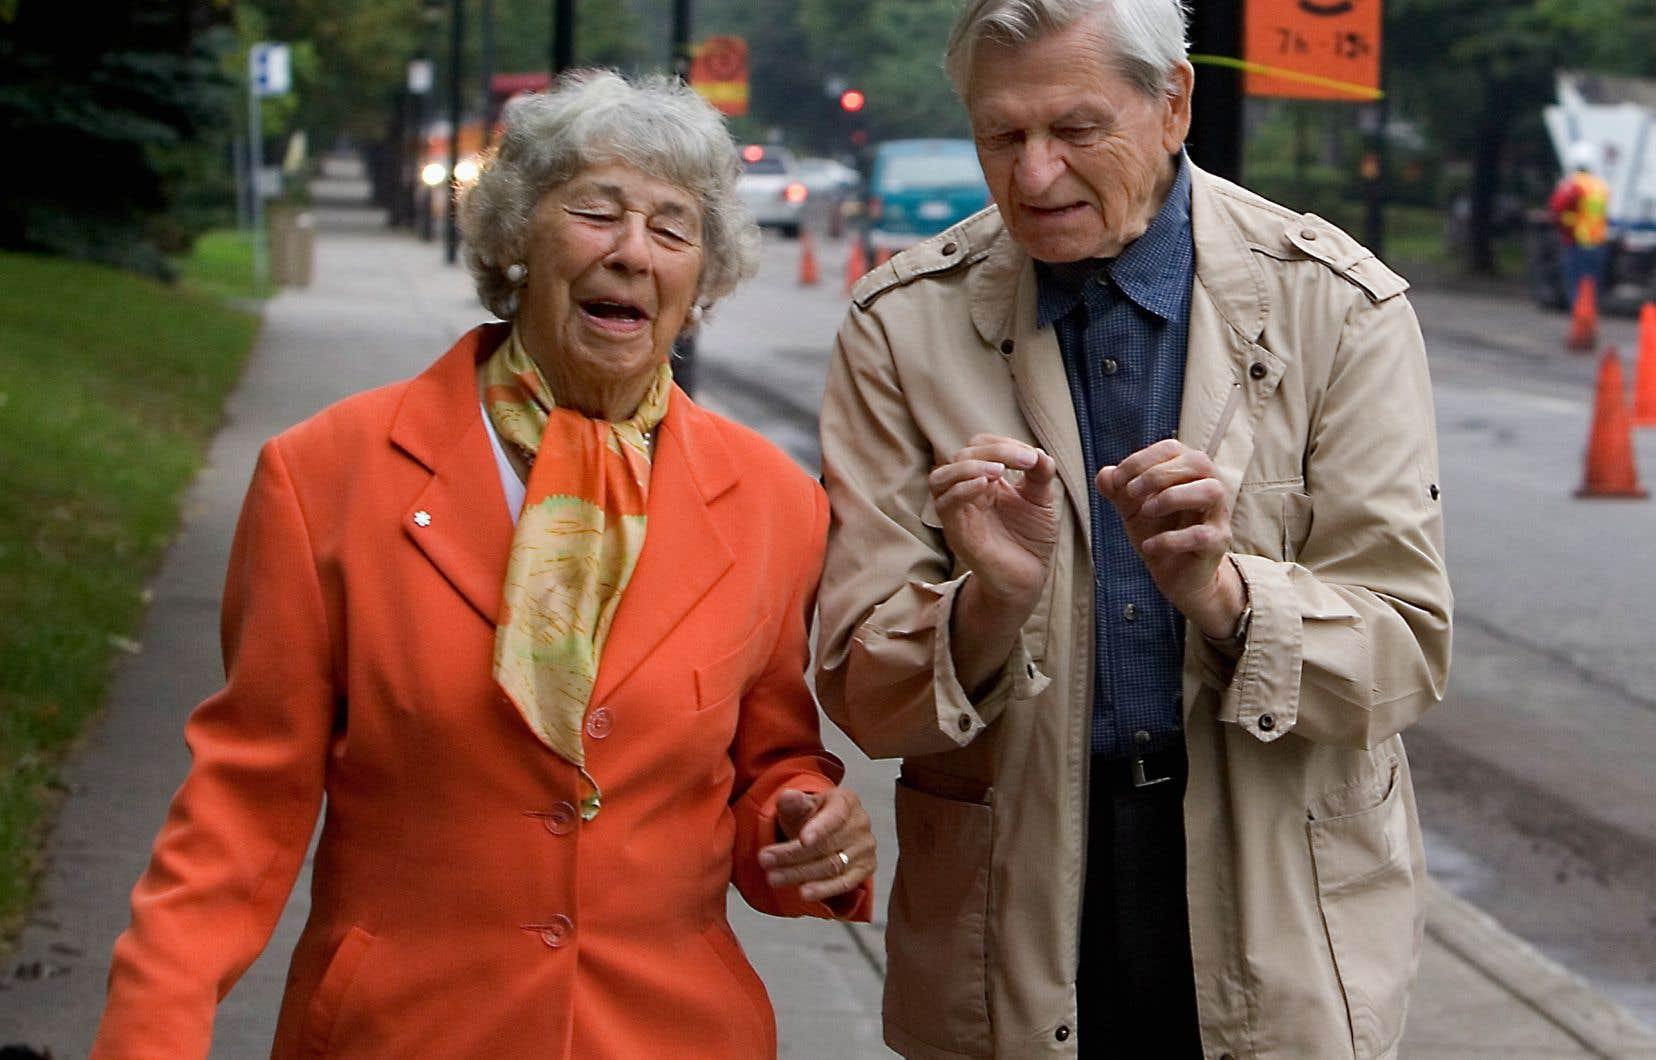 Marguerite Lescop, ici en compagnie du père Benoit Lacroix en 2006, a été récipiendaire du prix du Grand public au Salon du livre de Montréal en 1996 pour son autobiographie intitulée Le tour de ma vie en 80 ans.